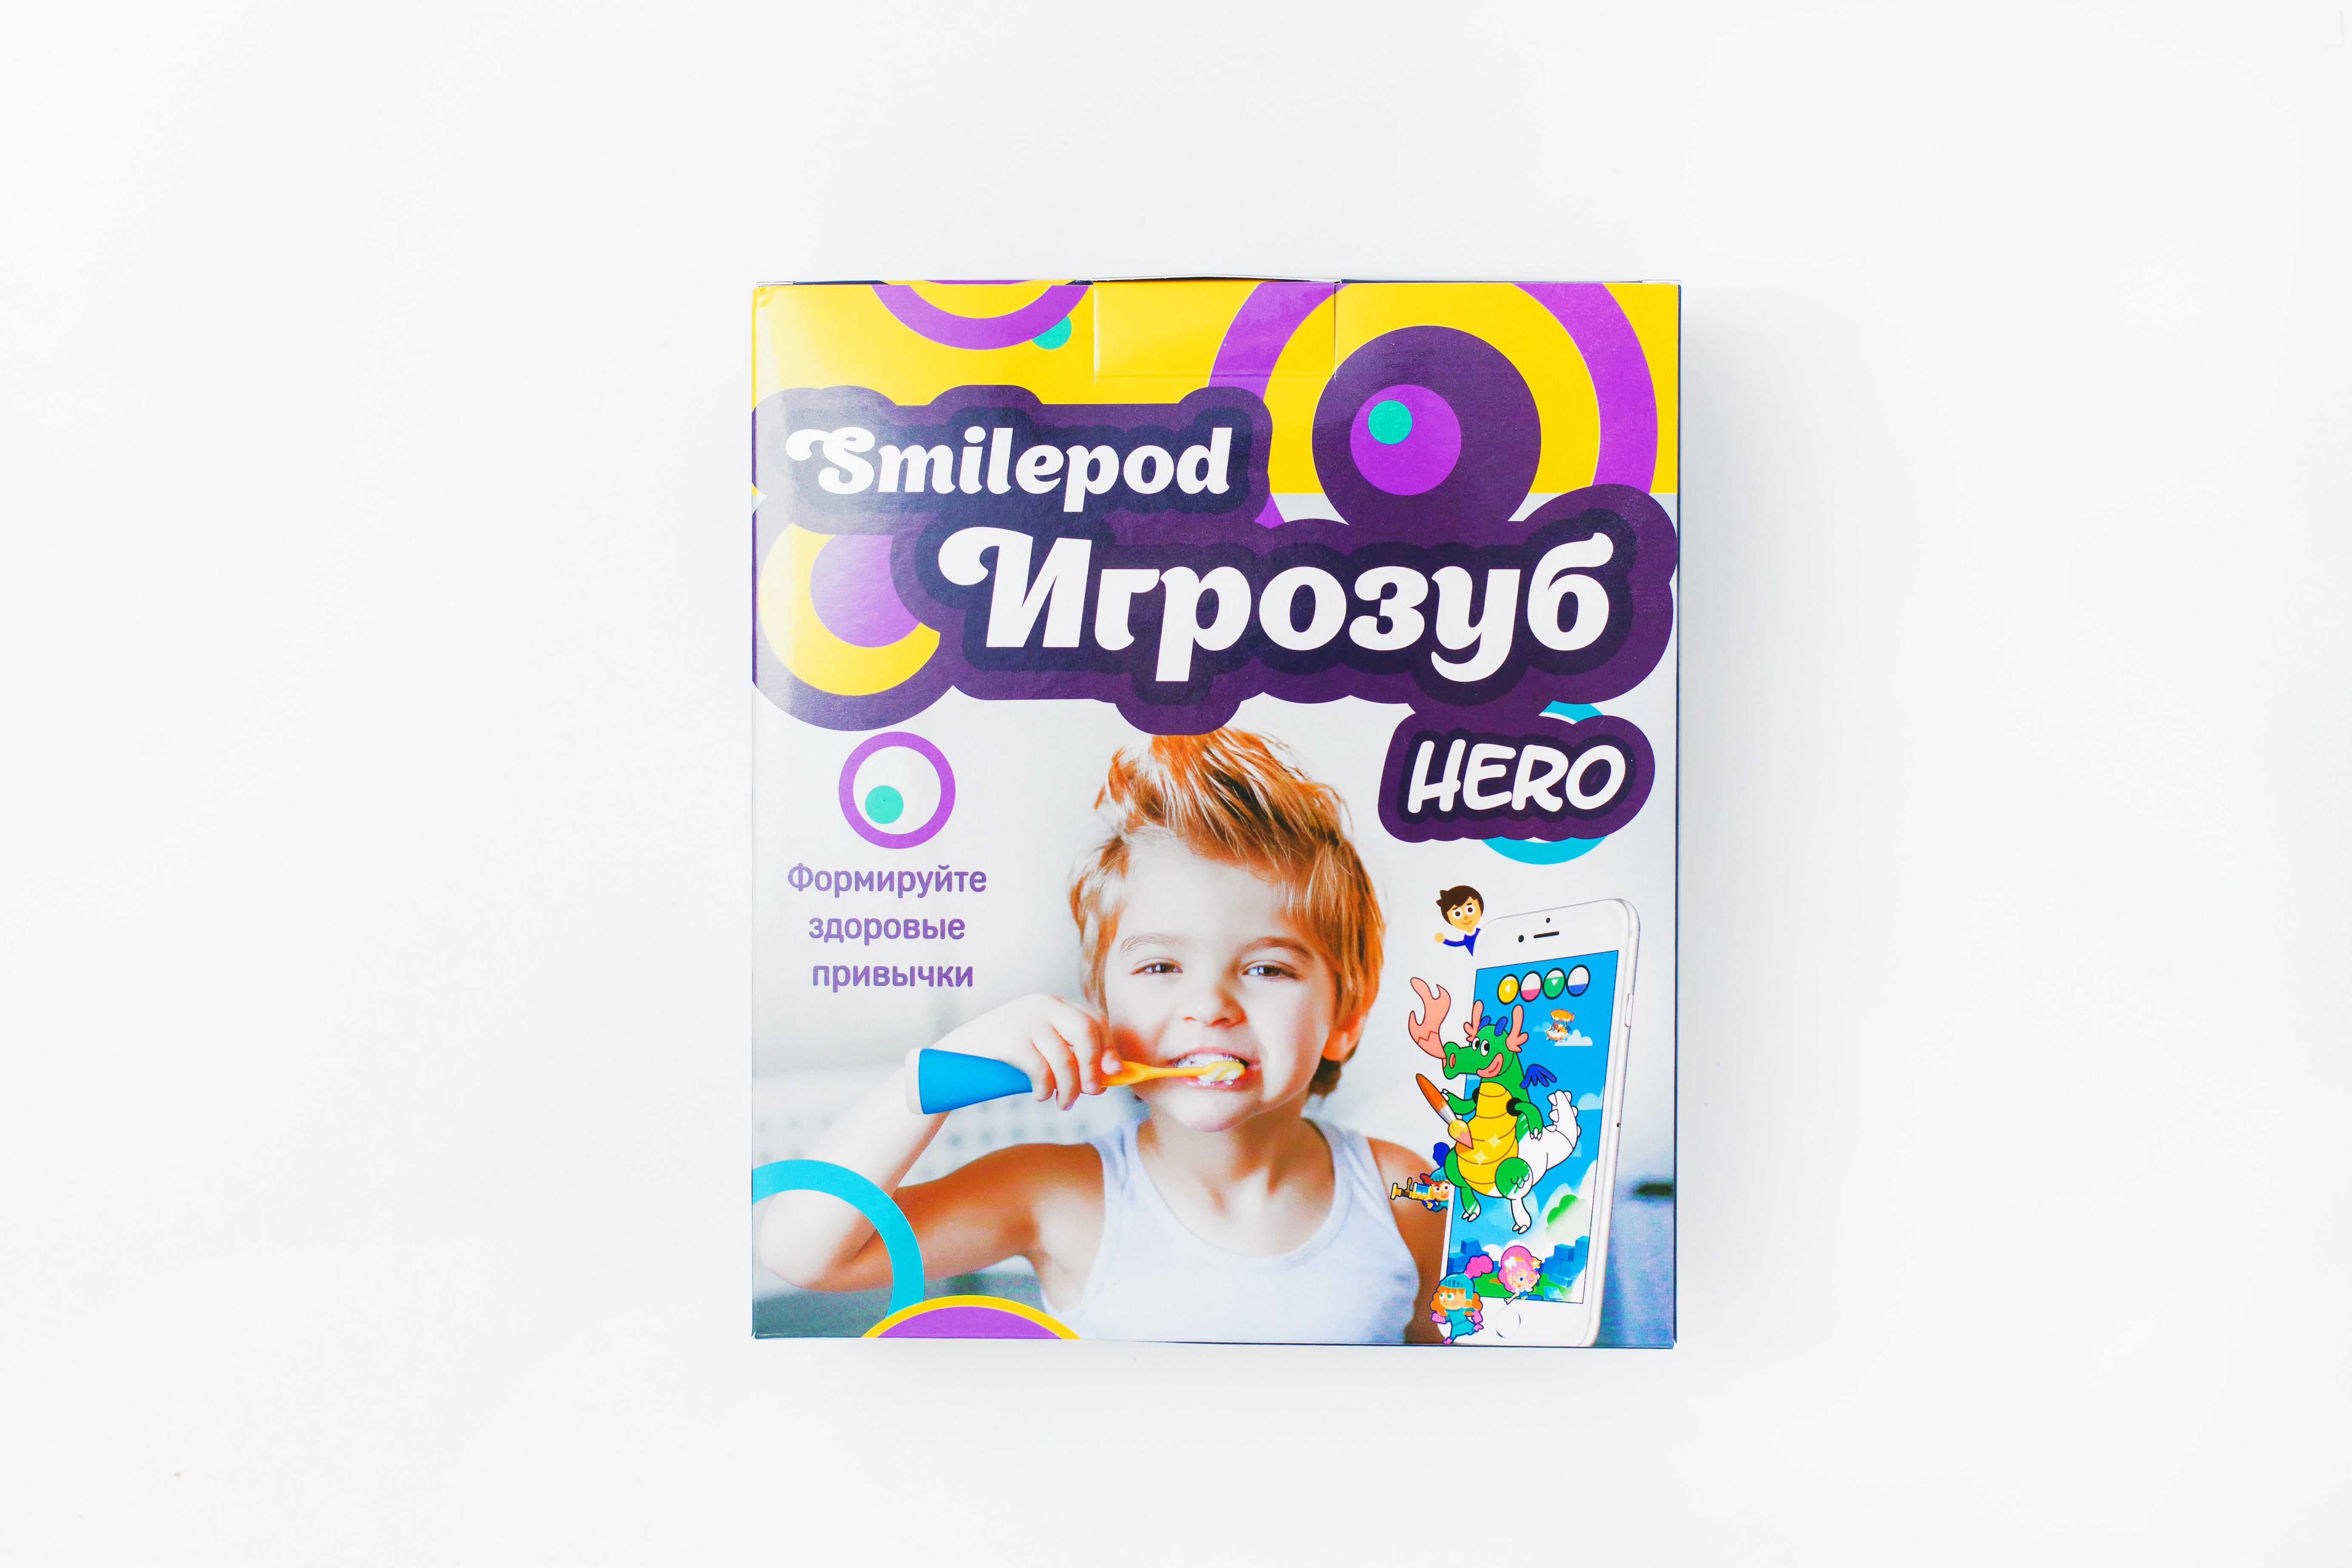 Smilepod Игрозуб Hero, Blue детский обучающий набор для чистки зубовТ00000005Дети не любят чистить зубы, 7 из 10 детей чистят зубы меньше положенных 2 минут. SmilePod Hero - обучающая игра, формирующая у детей навык правильной, продолжительной и не скучной чистки зубов, без усилий со стороны родителей. SmilePod Hero превращает любую зубную щетку в контроллер управления игрой. Мотивация – сильнейший стимул, SmilePod Hero превращает чистку зубов в игру. Для начала игры, нужно скачать одну из 5 развивающих игр на планшет или смартфон, который будет надежно защищен специальным чехлом с креплением на зеркало. Все что необходимо далее – это запустить игру. Благодаря SmilePod Hero, юнный Герой сможет играя, тщательно чистить зубы, приводить в порядок полость рта, - тем самым проходить игровые уровни. Переход на следующий игровой уровень, возможен только при правильной технике чистки зубов и продолжительности чистки не менее 2х минут, рекомендованных стоматологами. Дети не любят чистить зубы, 7 из 10 детей чистят зубы меньше положенных 2 минут. Заложенные в детском возрасте привычки укореняются в сознании и формируют поведение на всю жизнь. К сожалению, научить ребенка правильно и регулярно чистить зубы получается далеко не всегда, это часто приводит к проблемам со здоровьем уже во взрослом возрасте. SmilePod Hero – для мальчиков SmilePod Princess - для девочек Дарите полезные подарки, формируйте здоровые привычки.Электрические зубные щетки. Статья OZON Гид